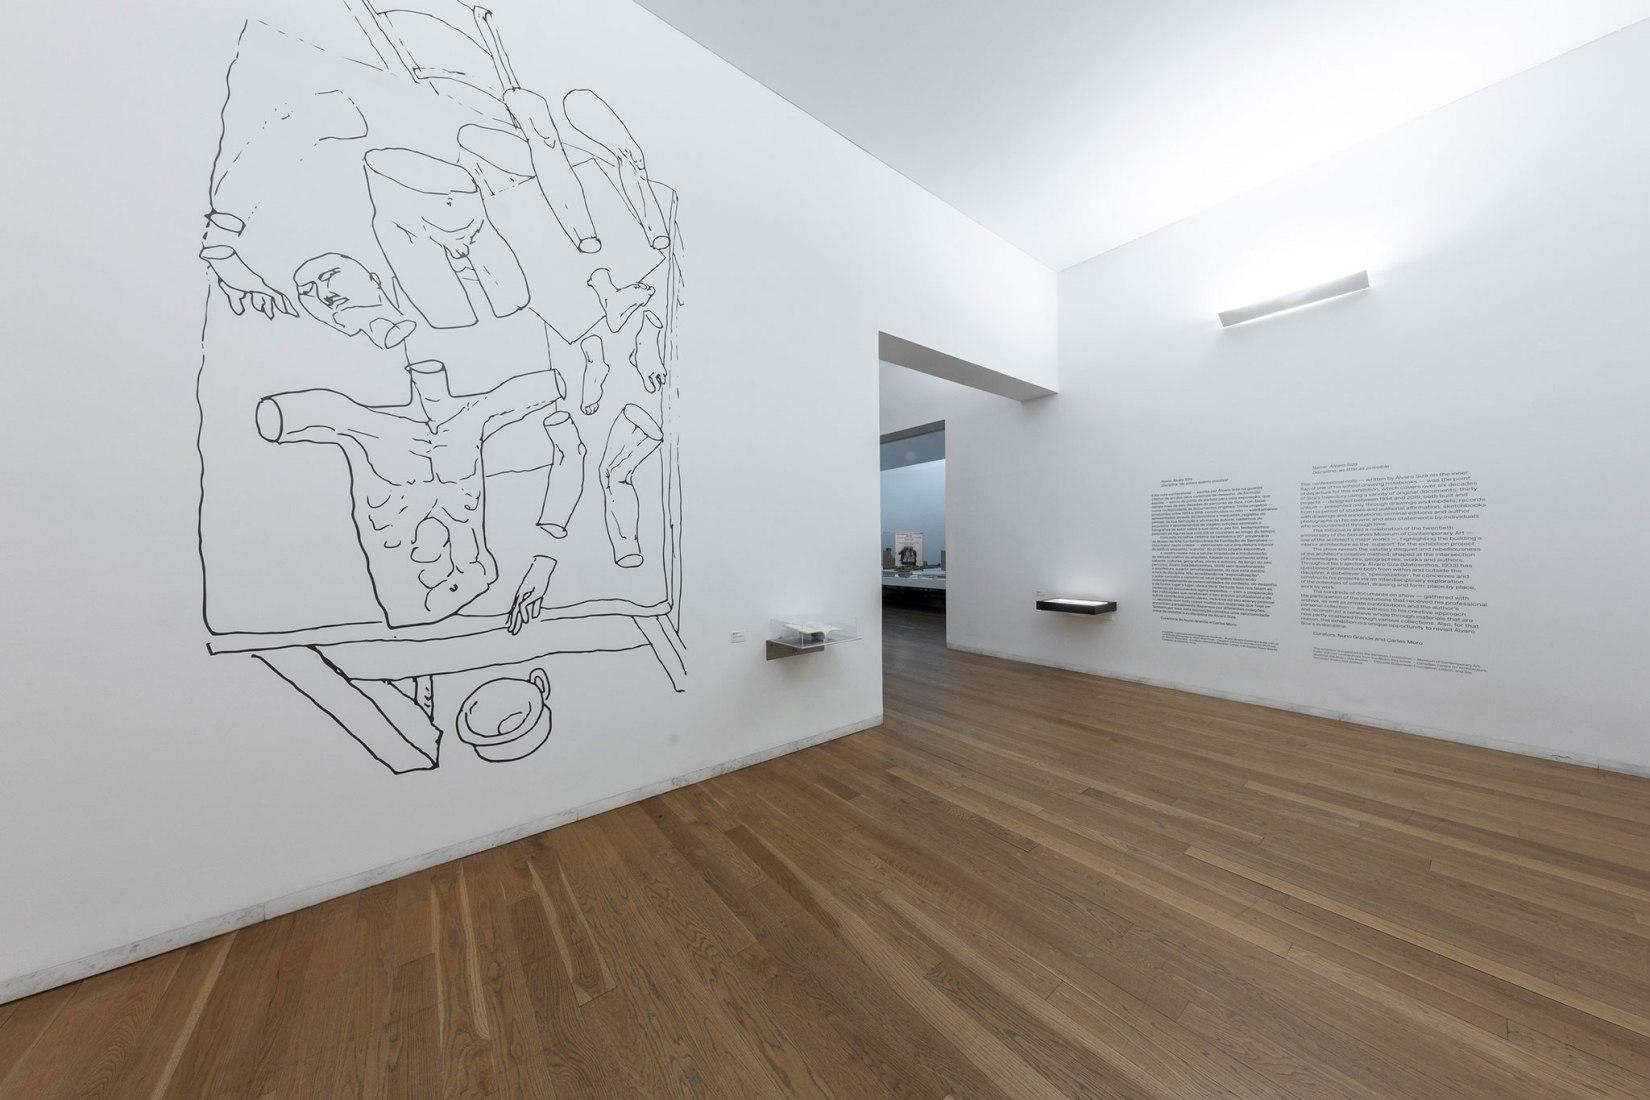 Imagen de sala de la exposición. In/Discipline - Álvaro Siza. Fotografía por Raul Betti, imagen cortesía Museo Serralves